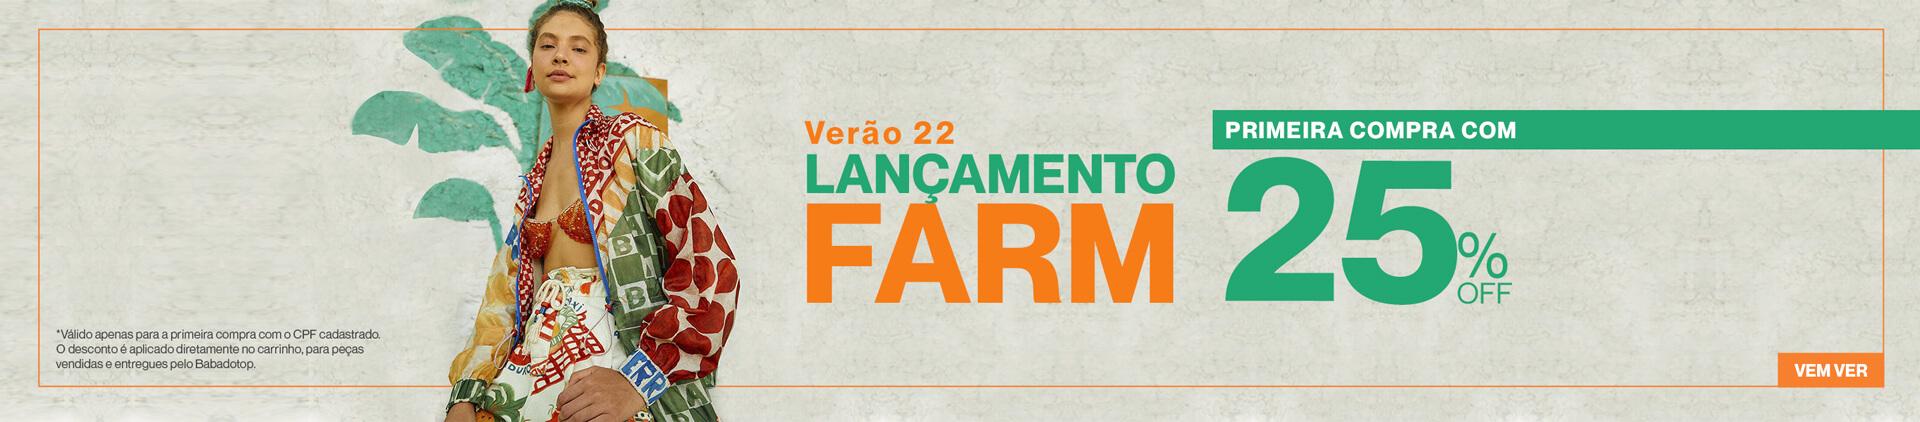 Verão'22 Farm